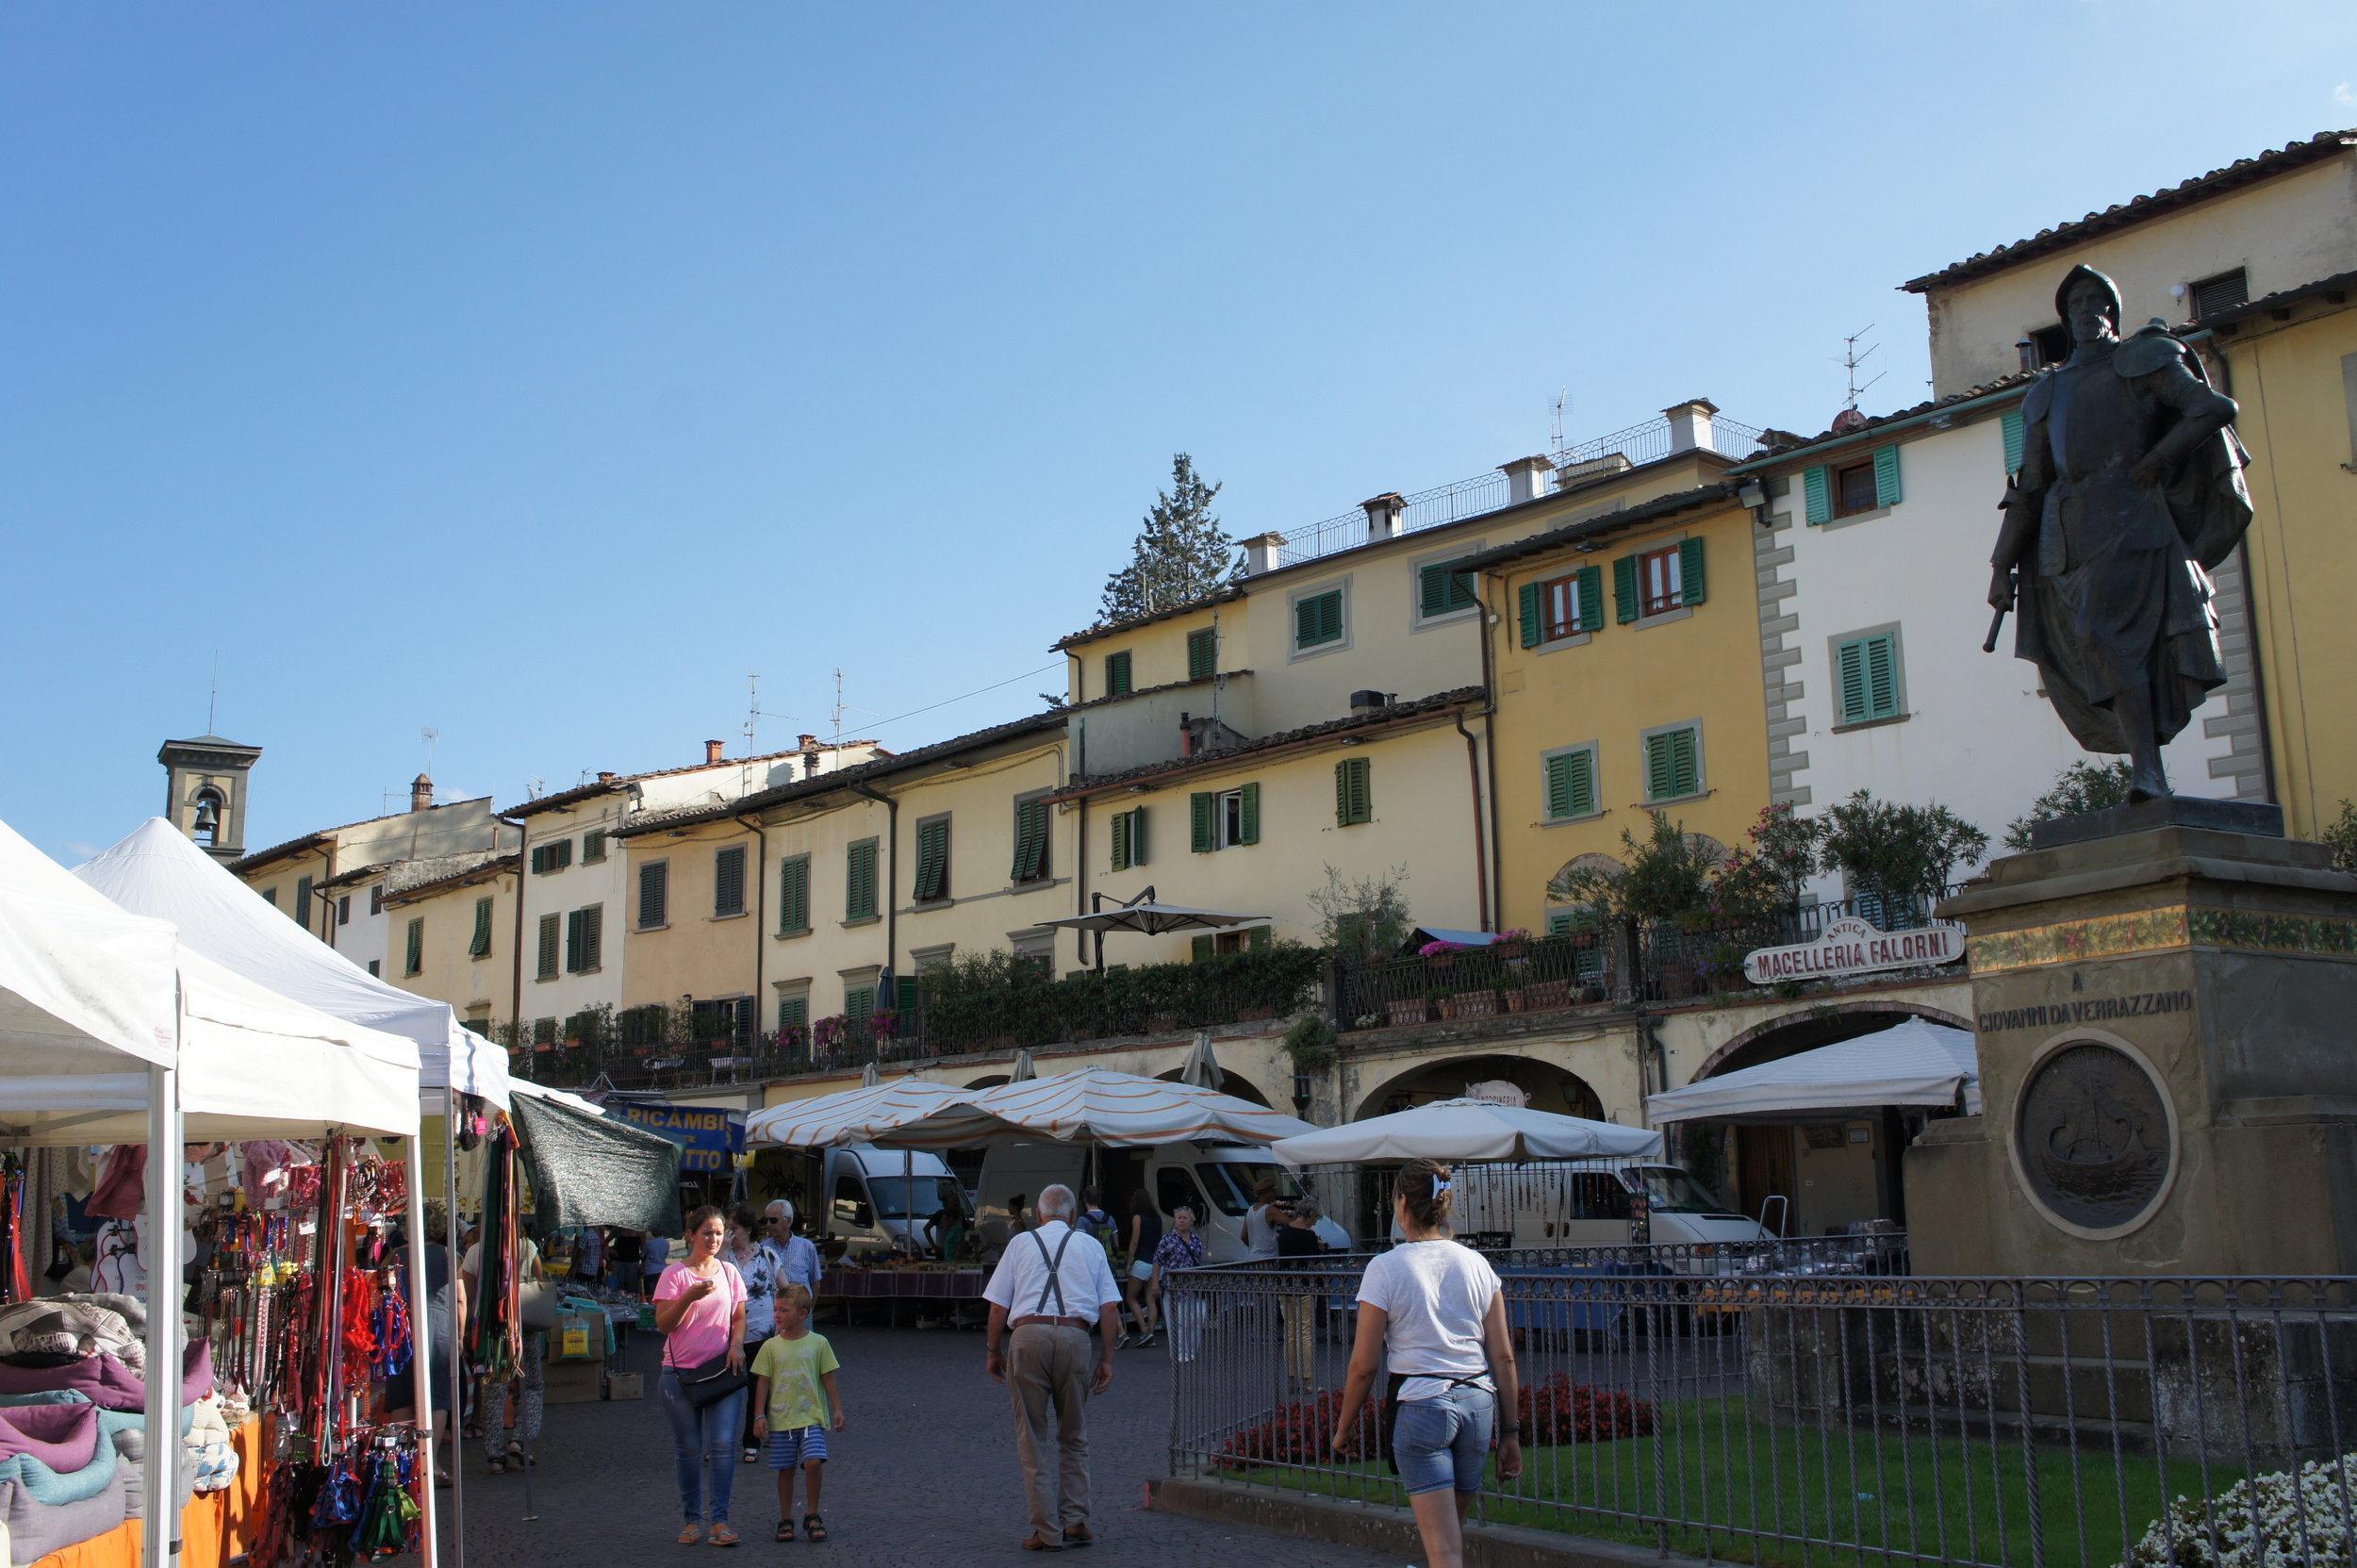 Greve in Chianti Italy - Claire Imaginarium